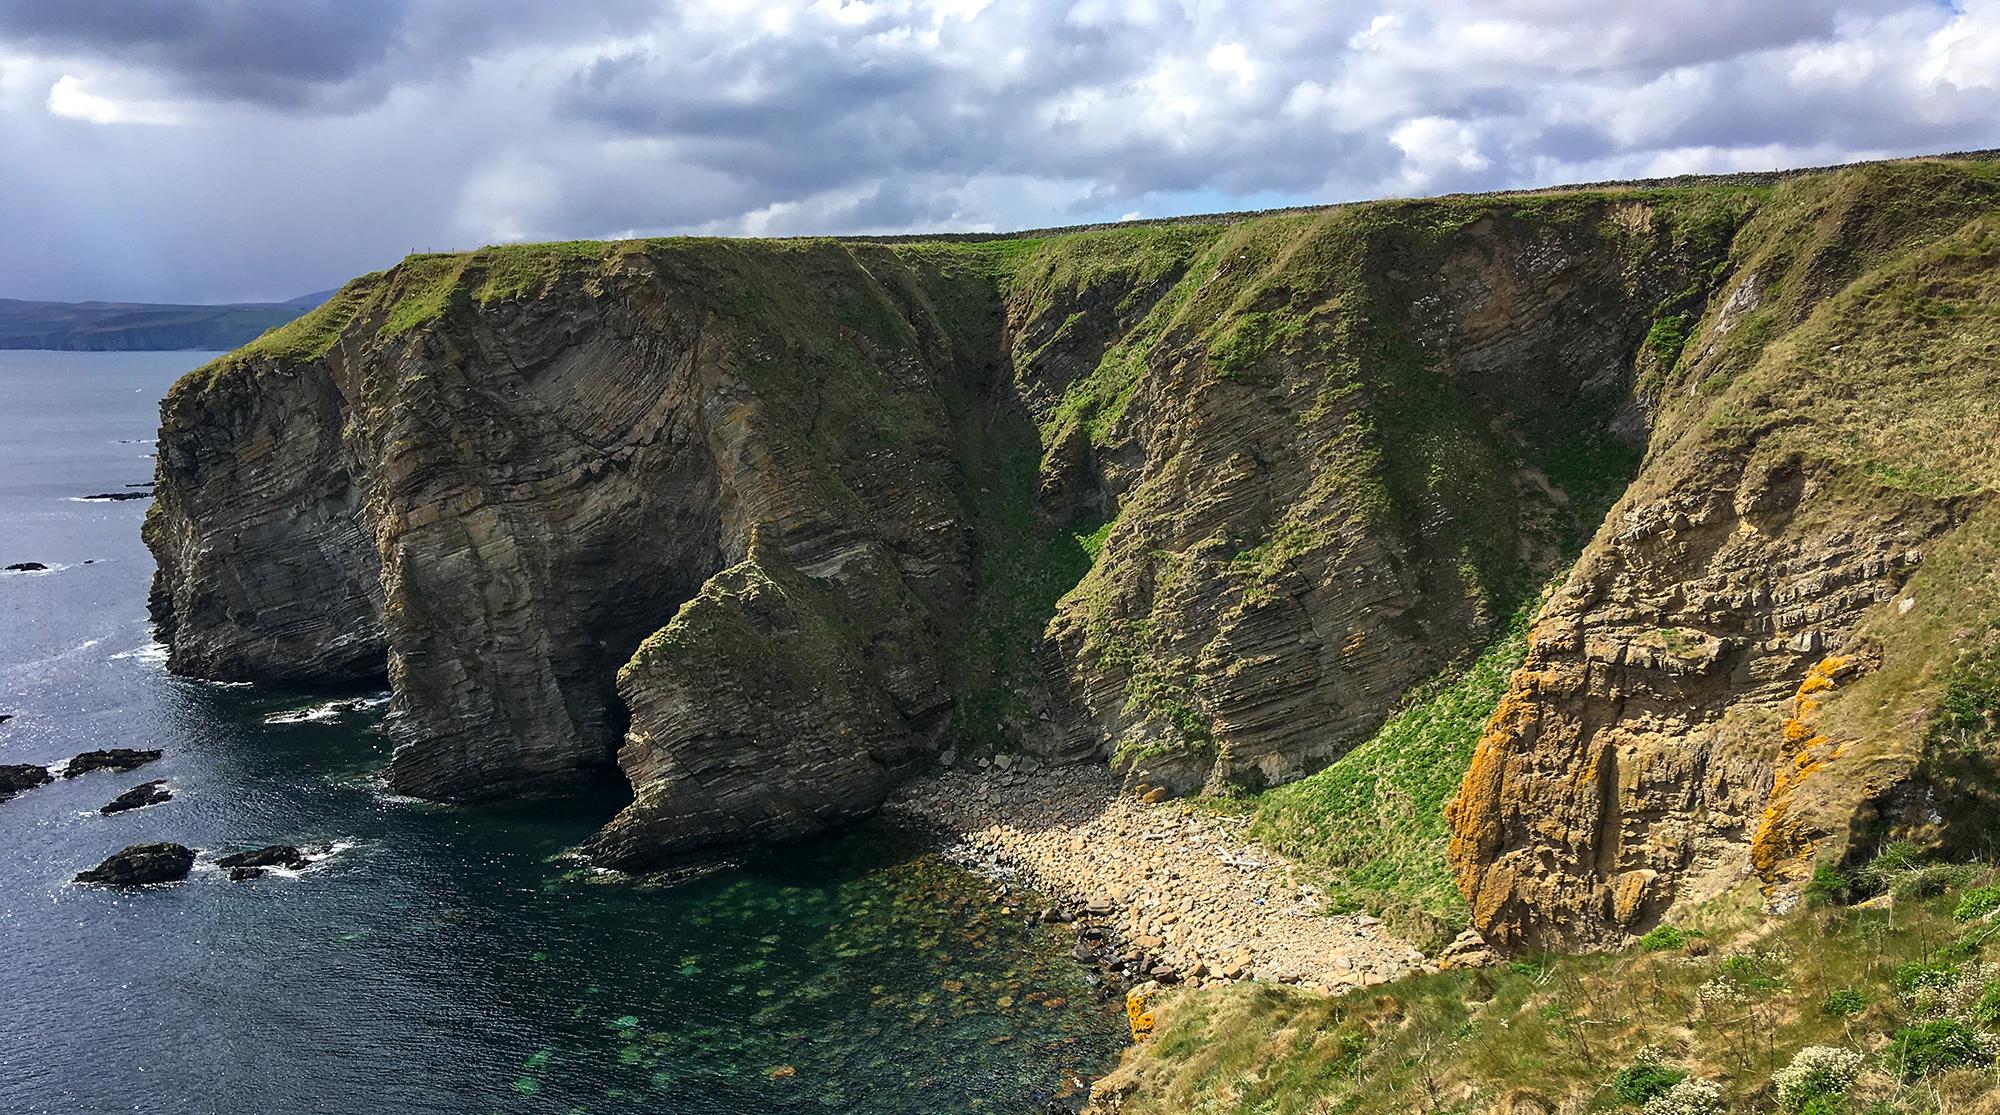 Klippen und kleiner Steinstrand Caithness